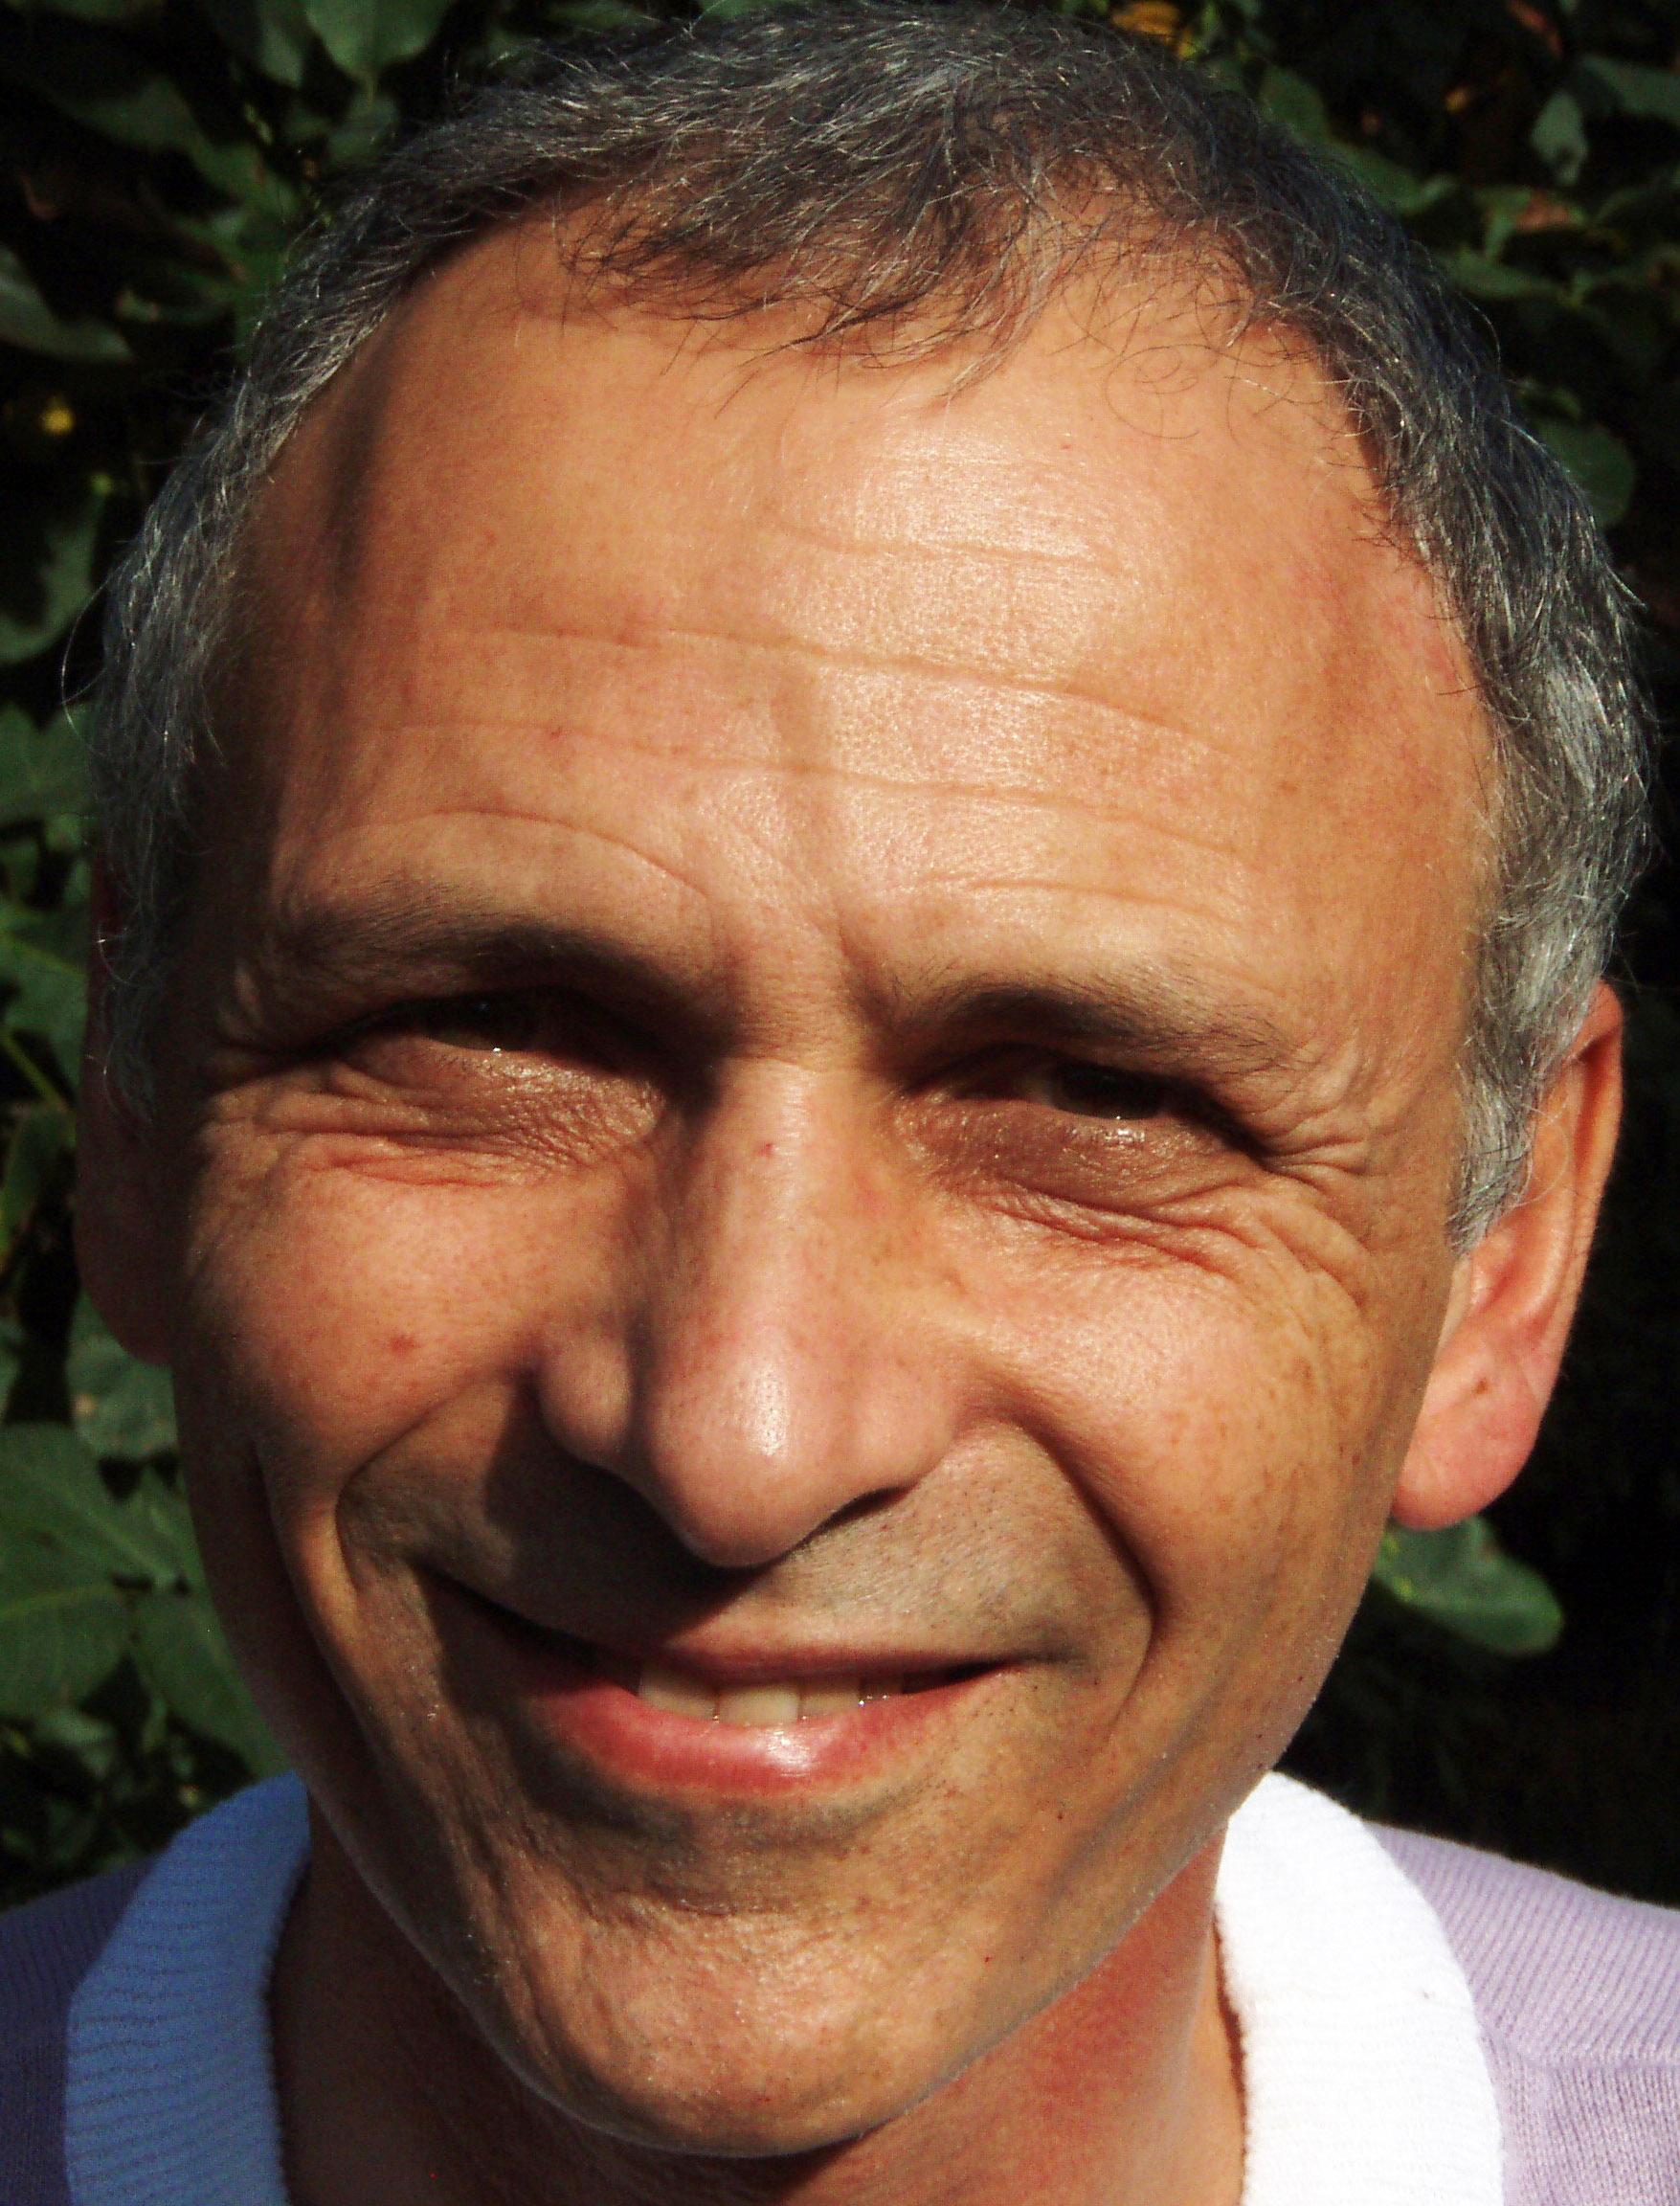 Gilles PENTECOTE